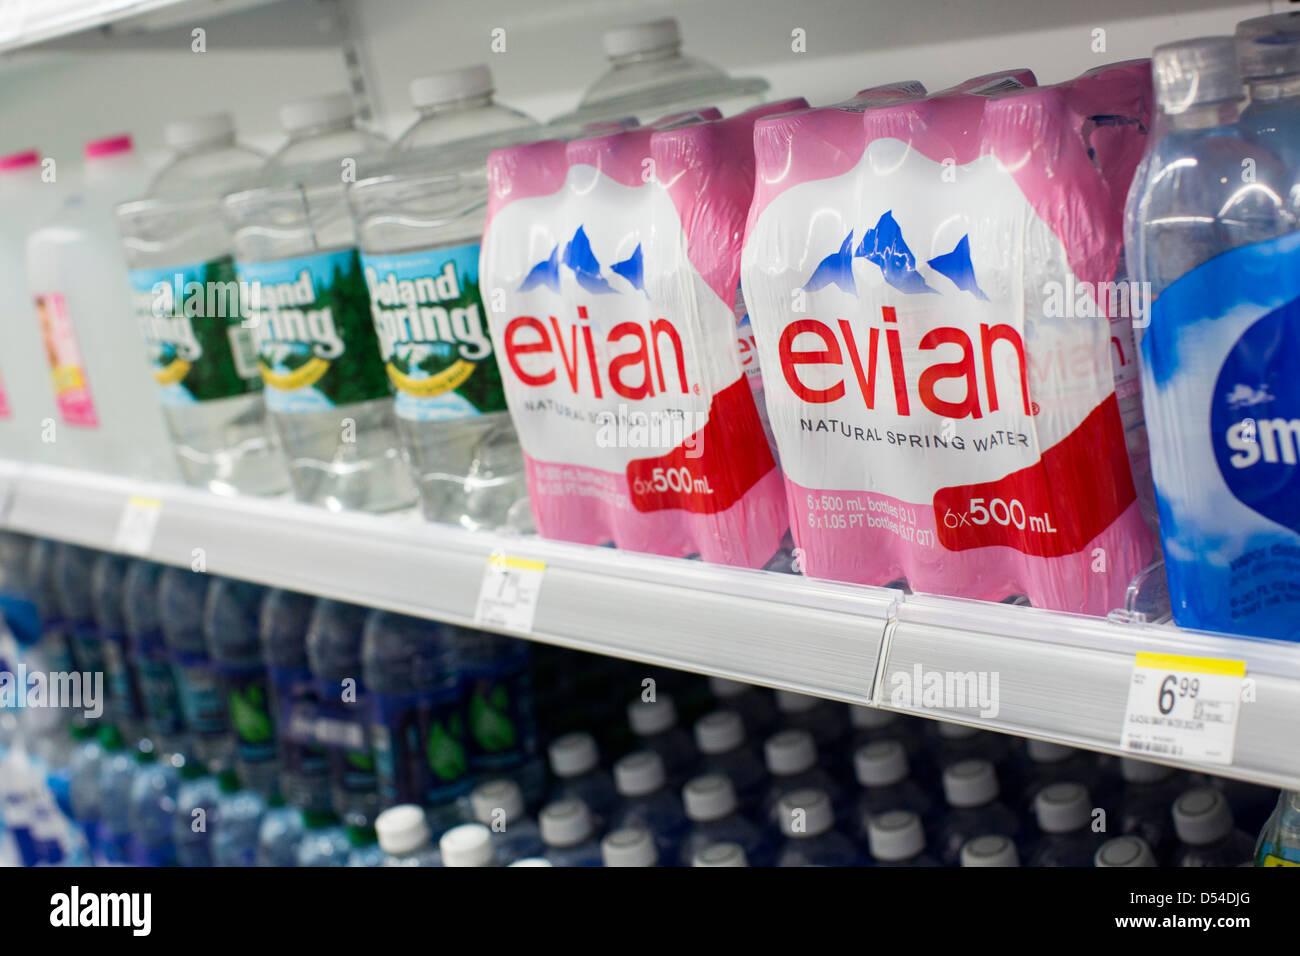 Evian e Polonia primavera acqua imbottigliata sul visualizzatore in corrispondenza di un Walgreens flagship store. Immagini Stock